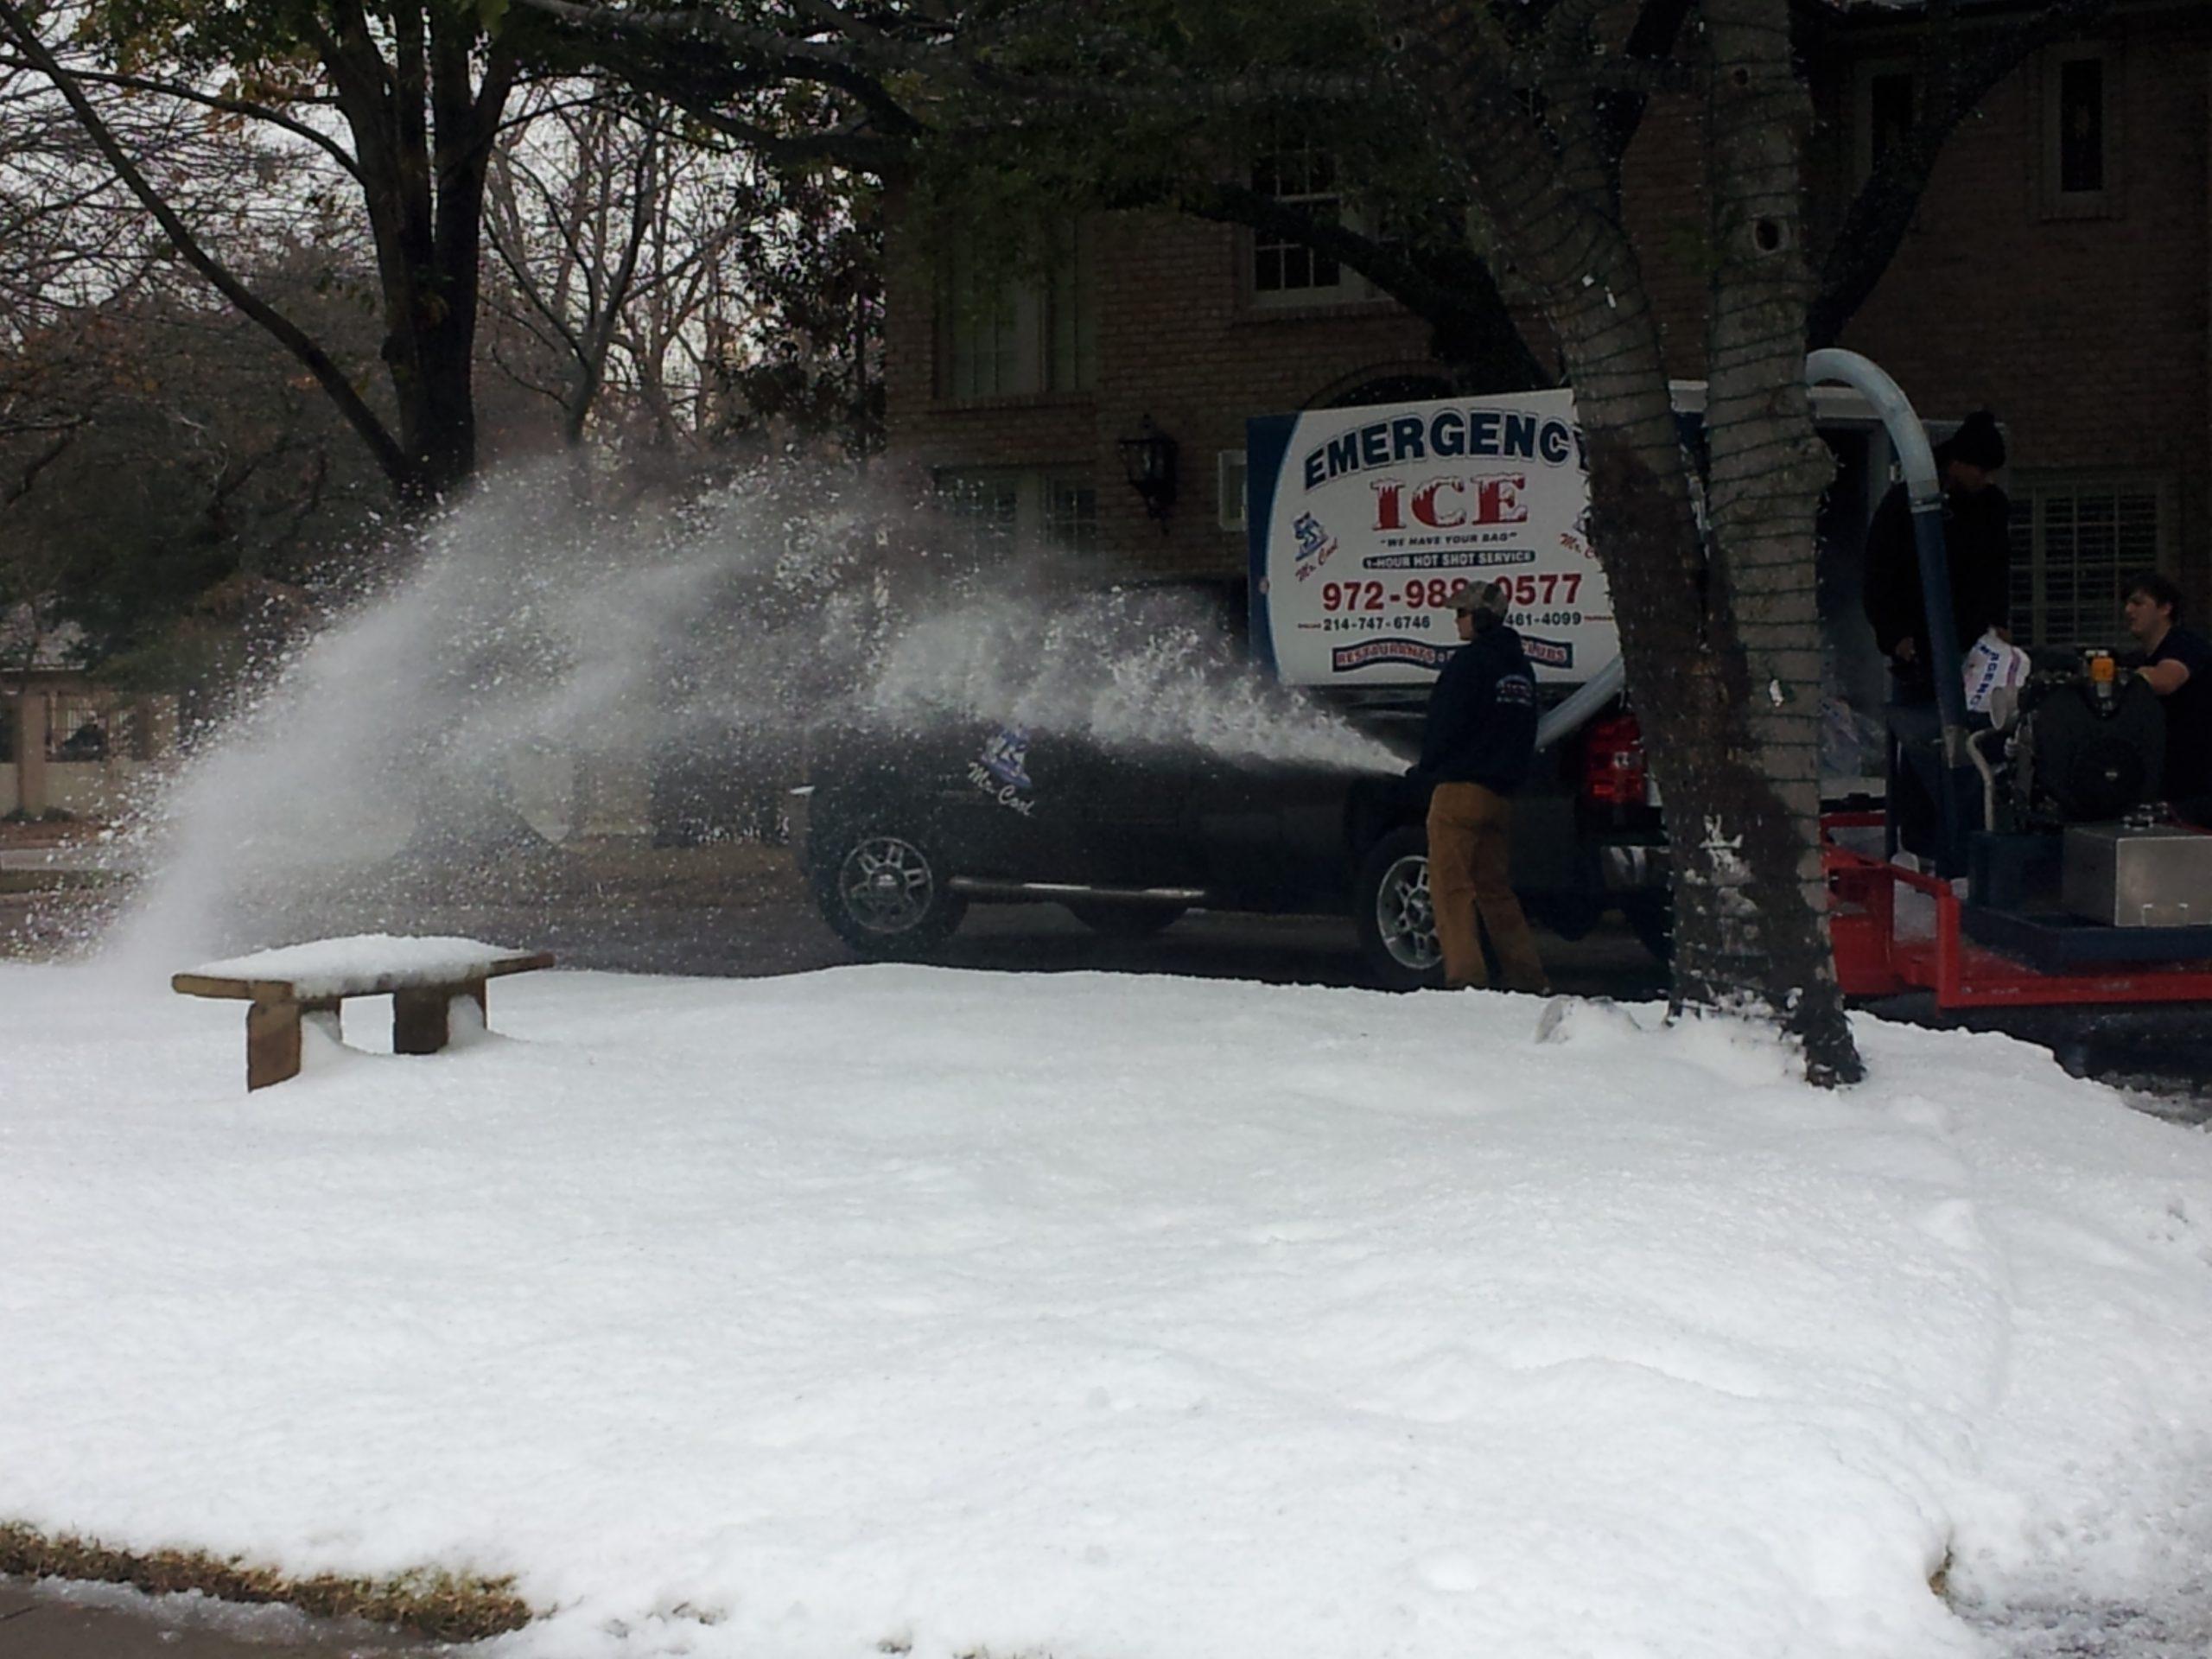 Emergency ice snow machine